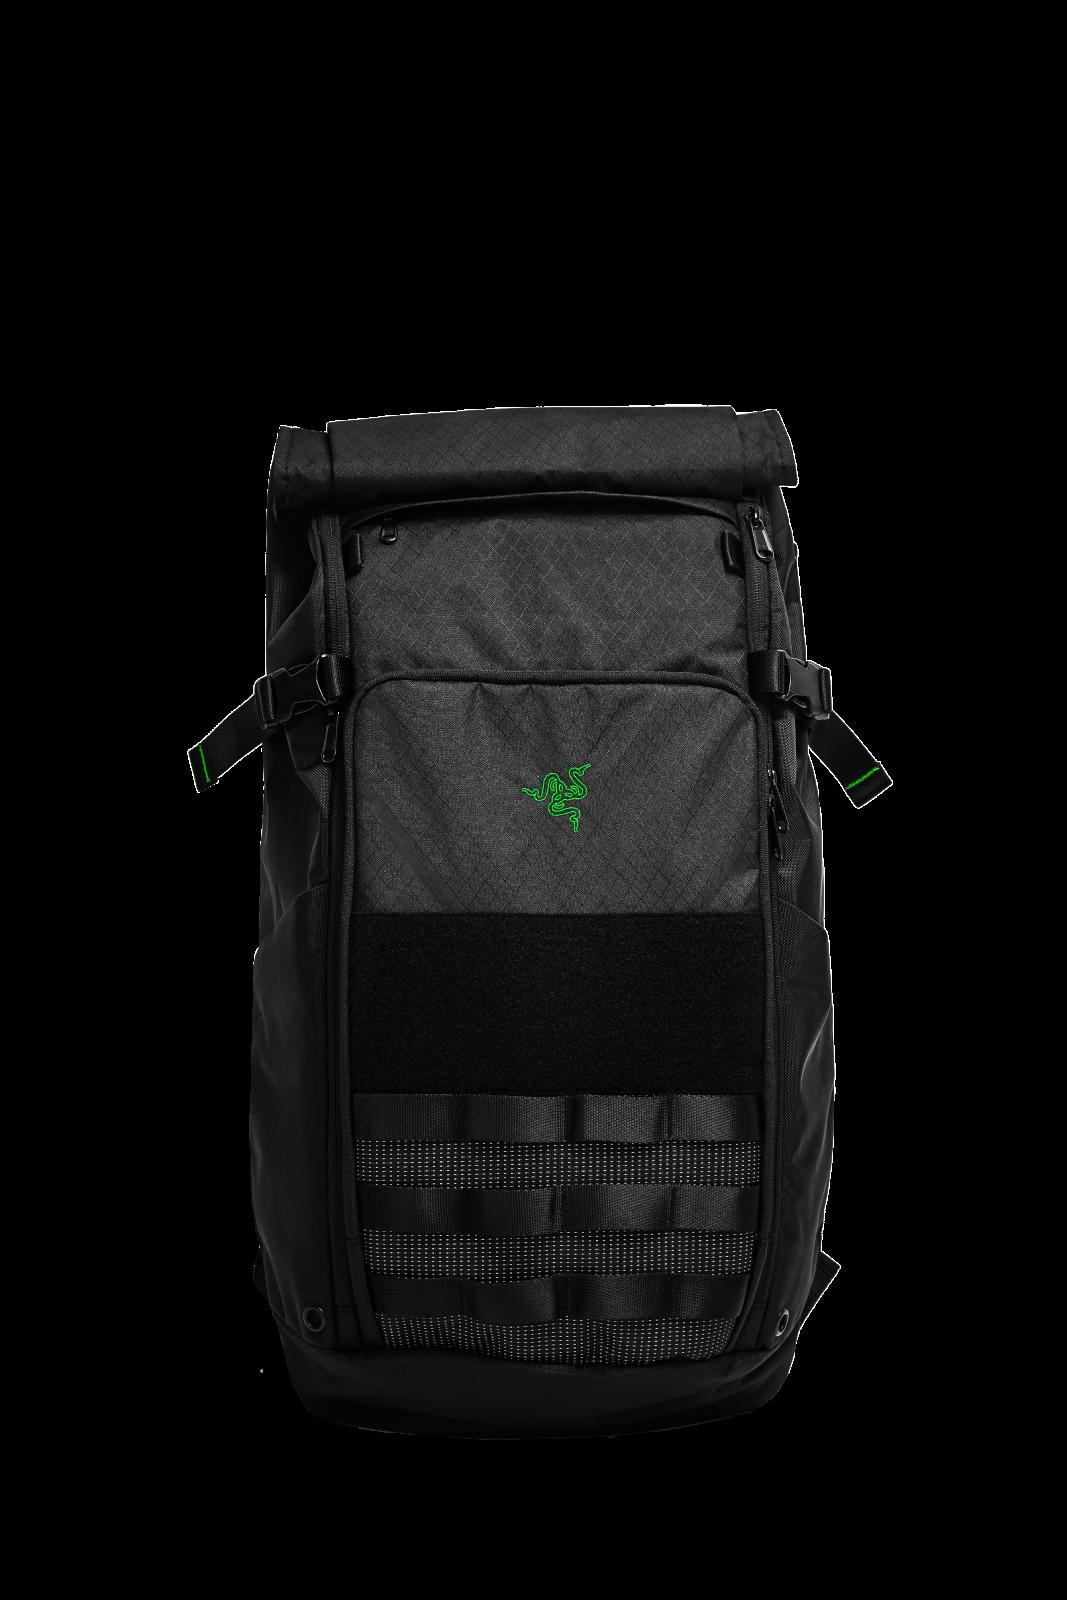 Razer Tactical Pro Backpack V2